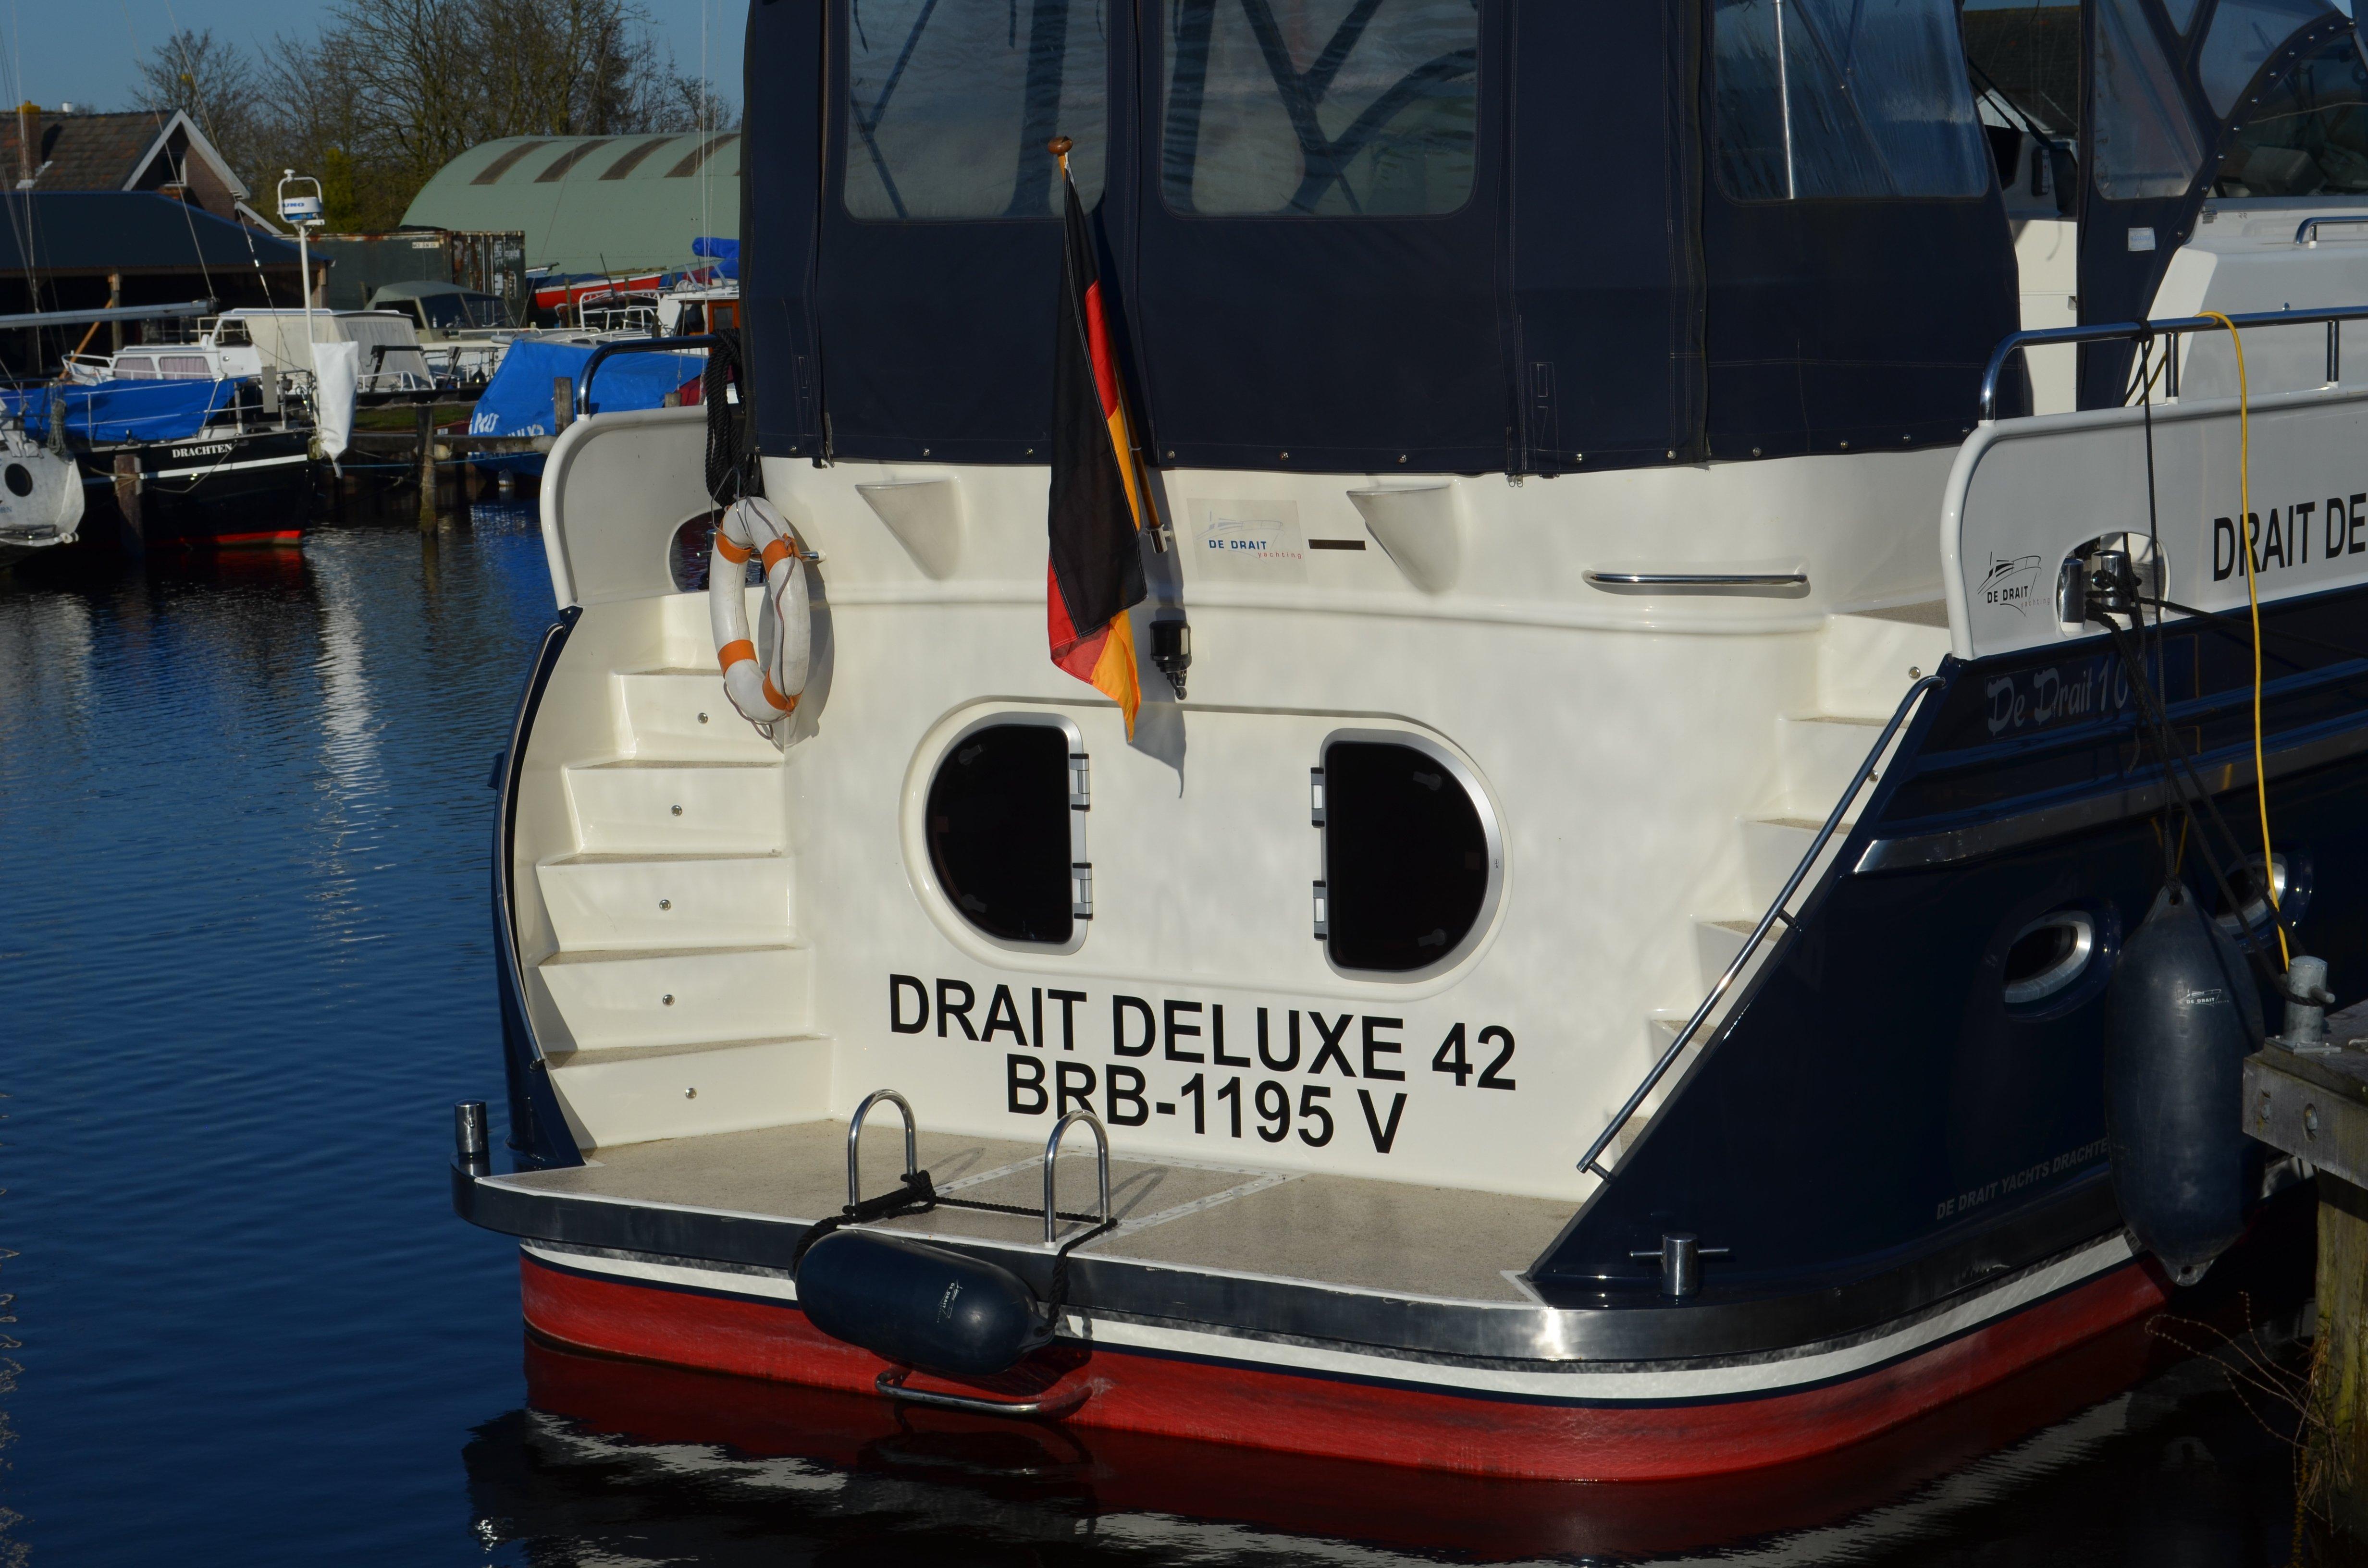 DeLuxe 42 (Drait 100)  - 6